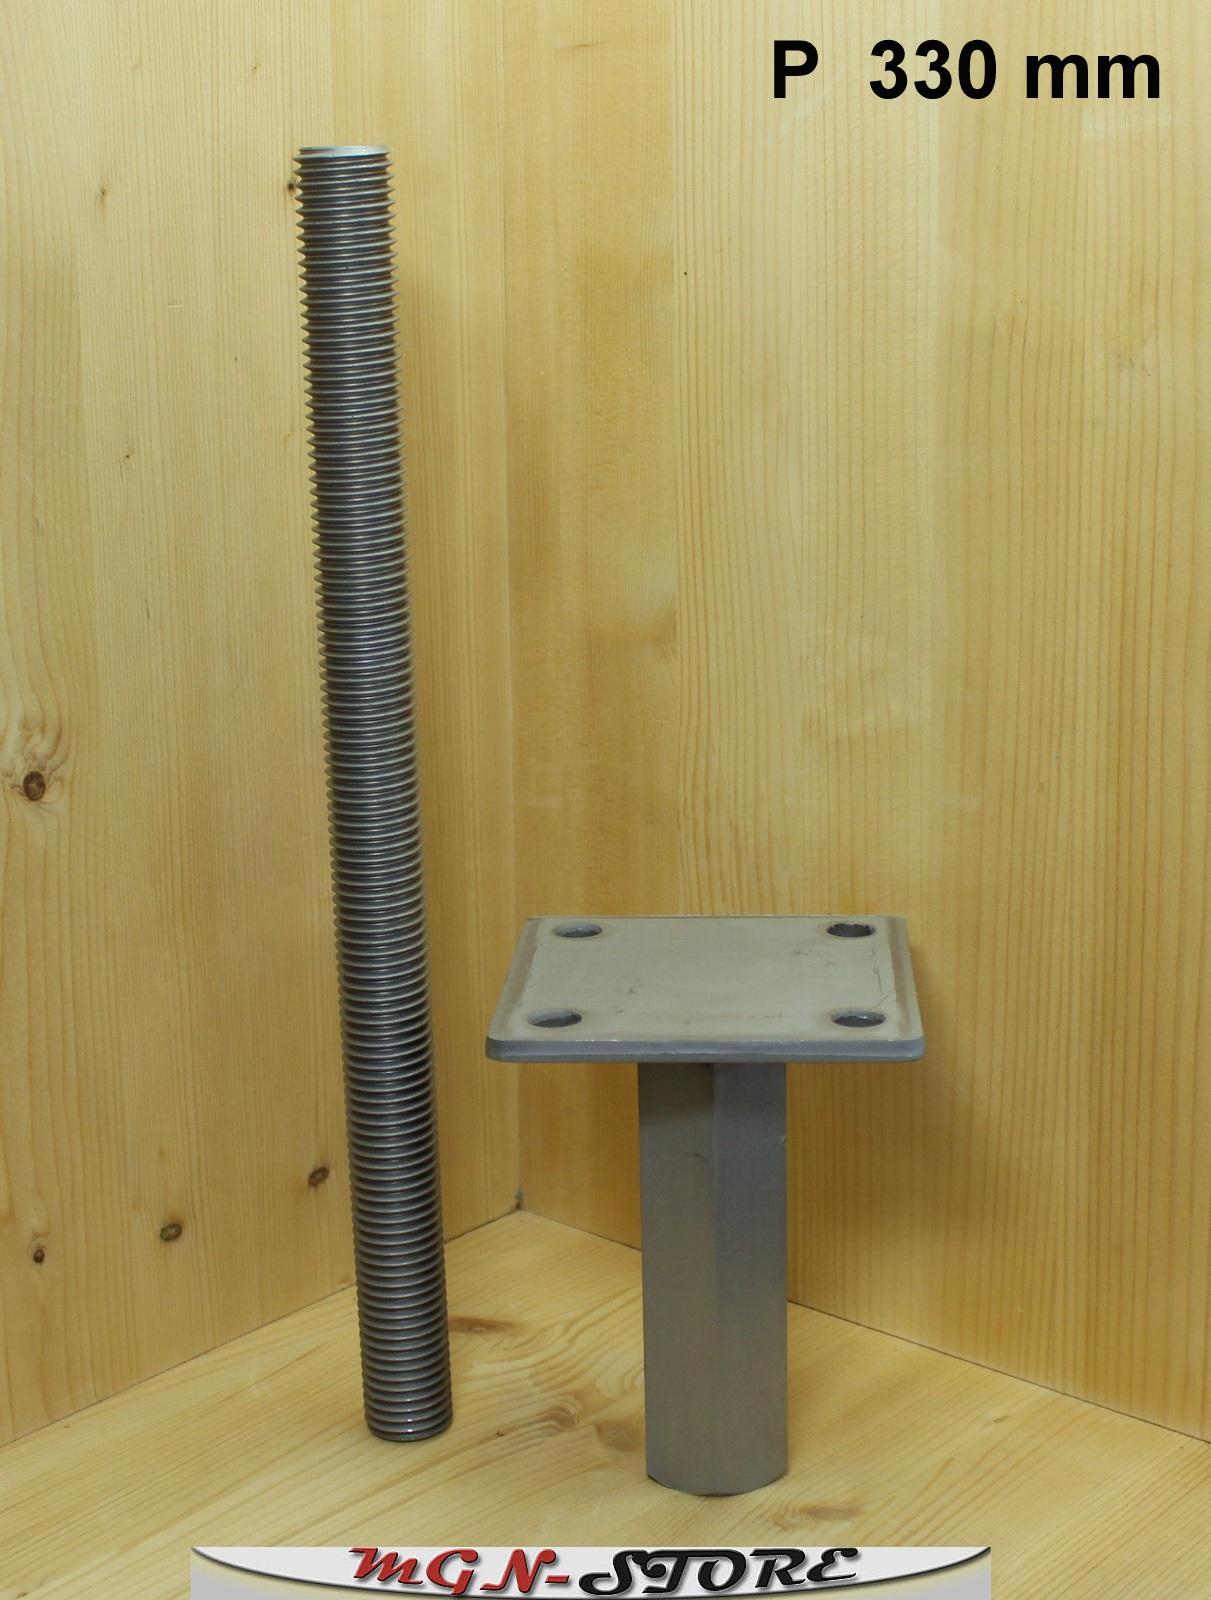 mgn store pitzl pfostentr ger typ p zinip nutzungsklasse 3 zum einbetonieren 330 mm. Black Bedroom Furniture Sets. Home Design Ideas